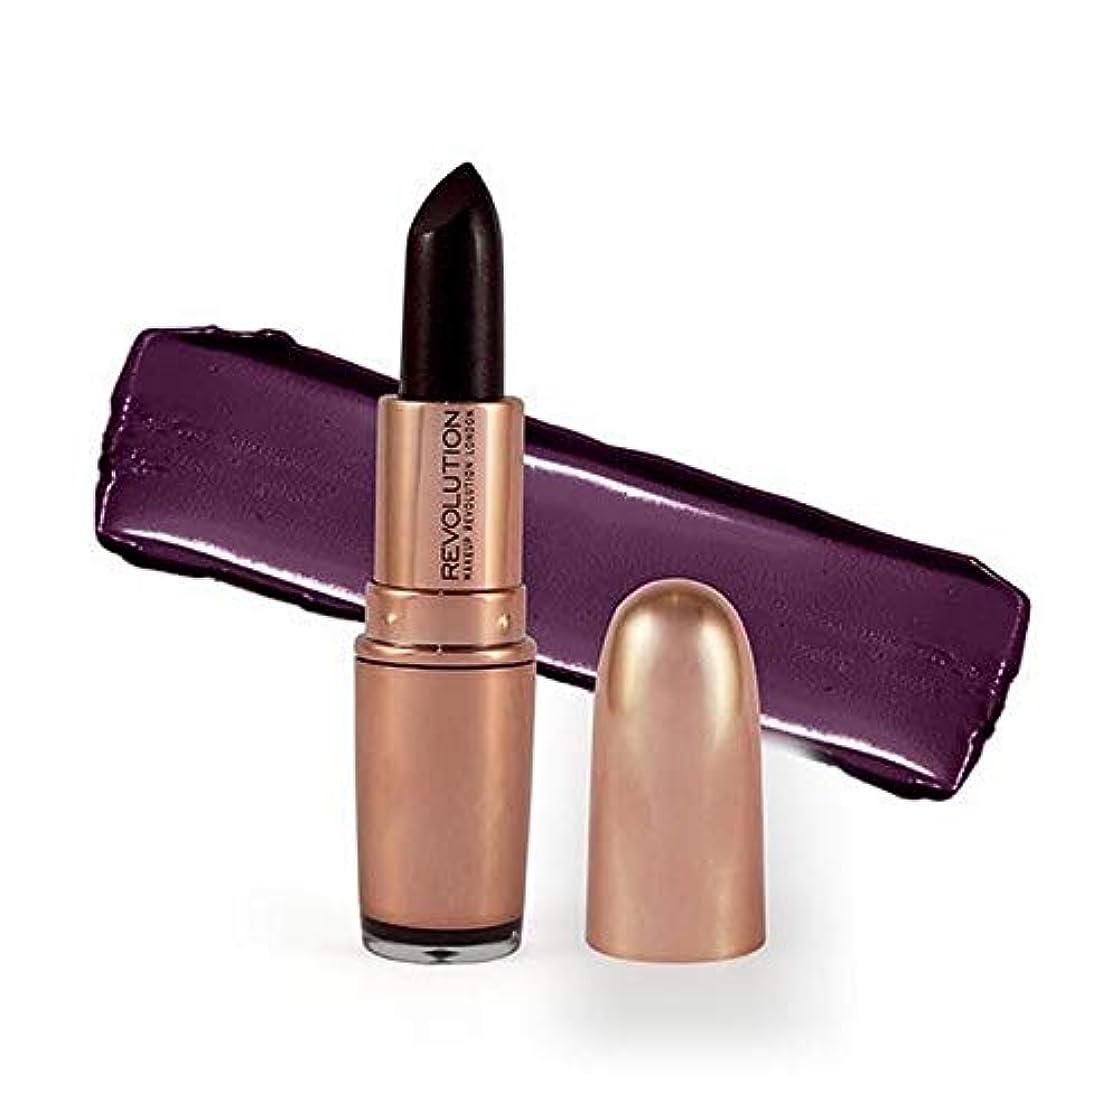 ジャケットパンフレット電極[Revolution ] 革命は、金口紅ダイヤモンドライフ3.2グラムをバラ - Revolution Rose Gold Lipstick Diamond Life 3.2G [並行輸入品]